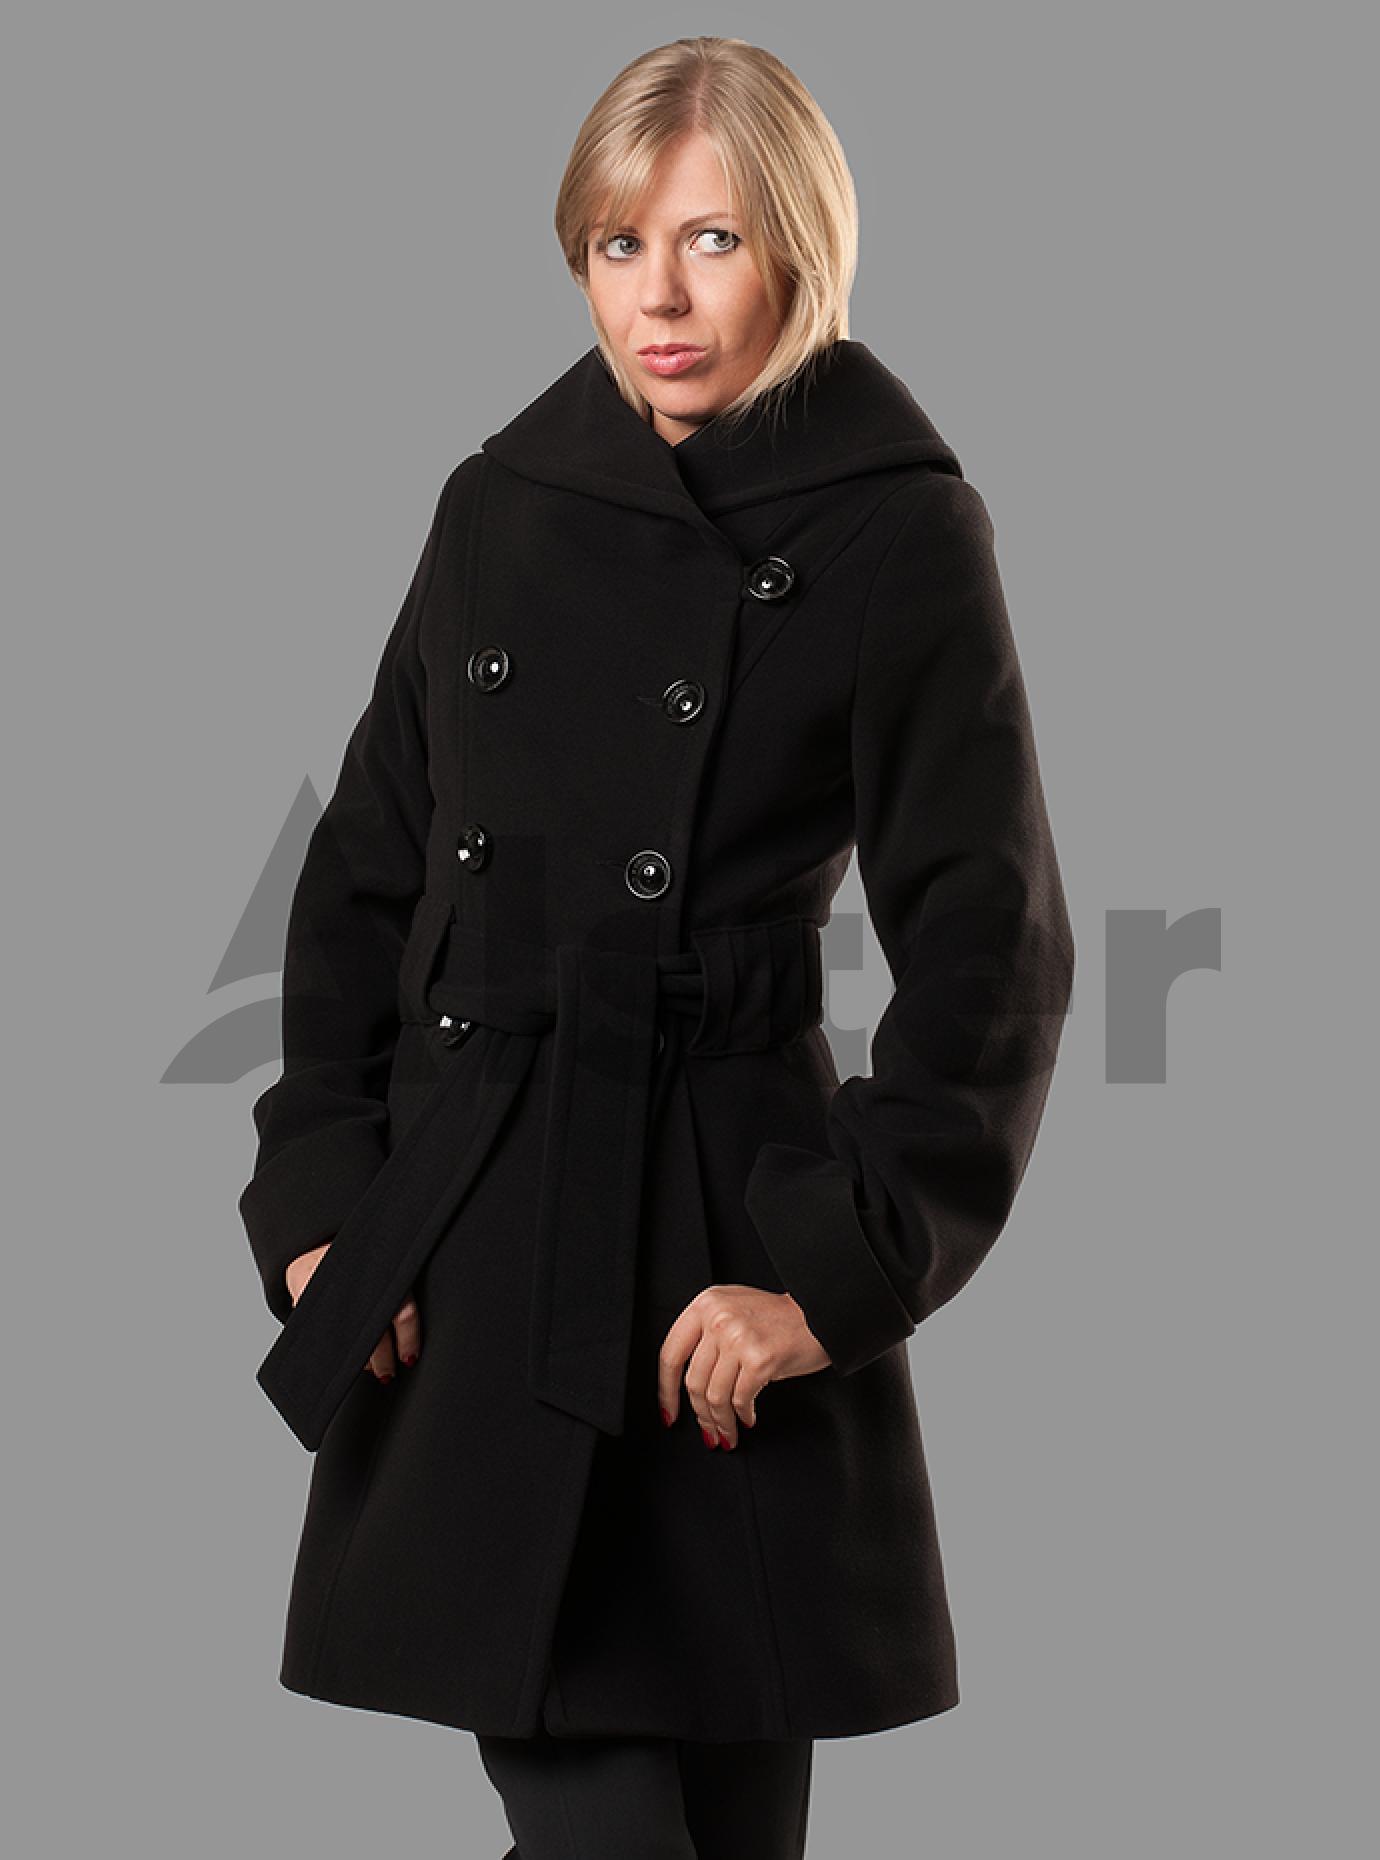 Пальто женское с поясом Чёрный S (05-ZZ19105): фото - Alster.ua